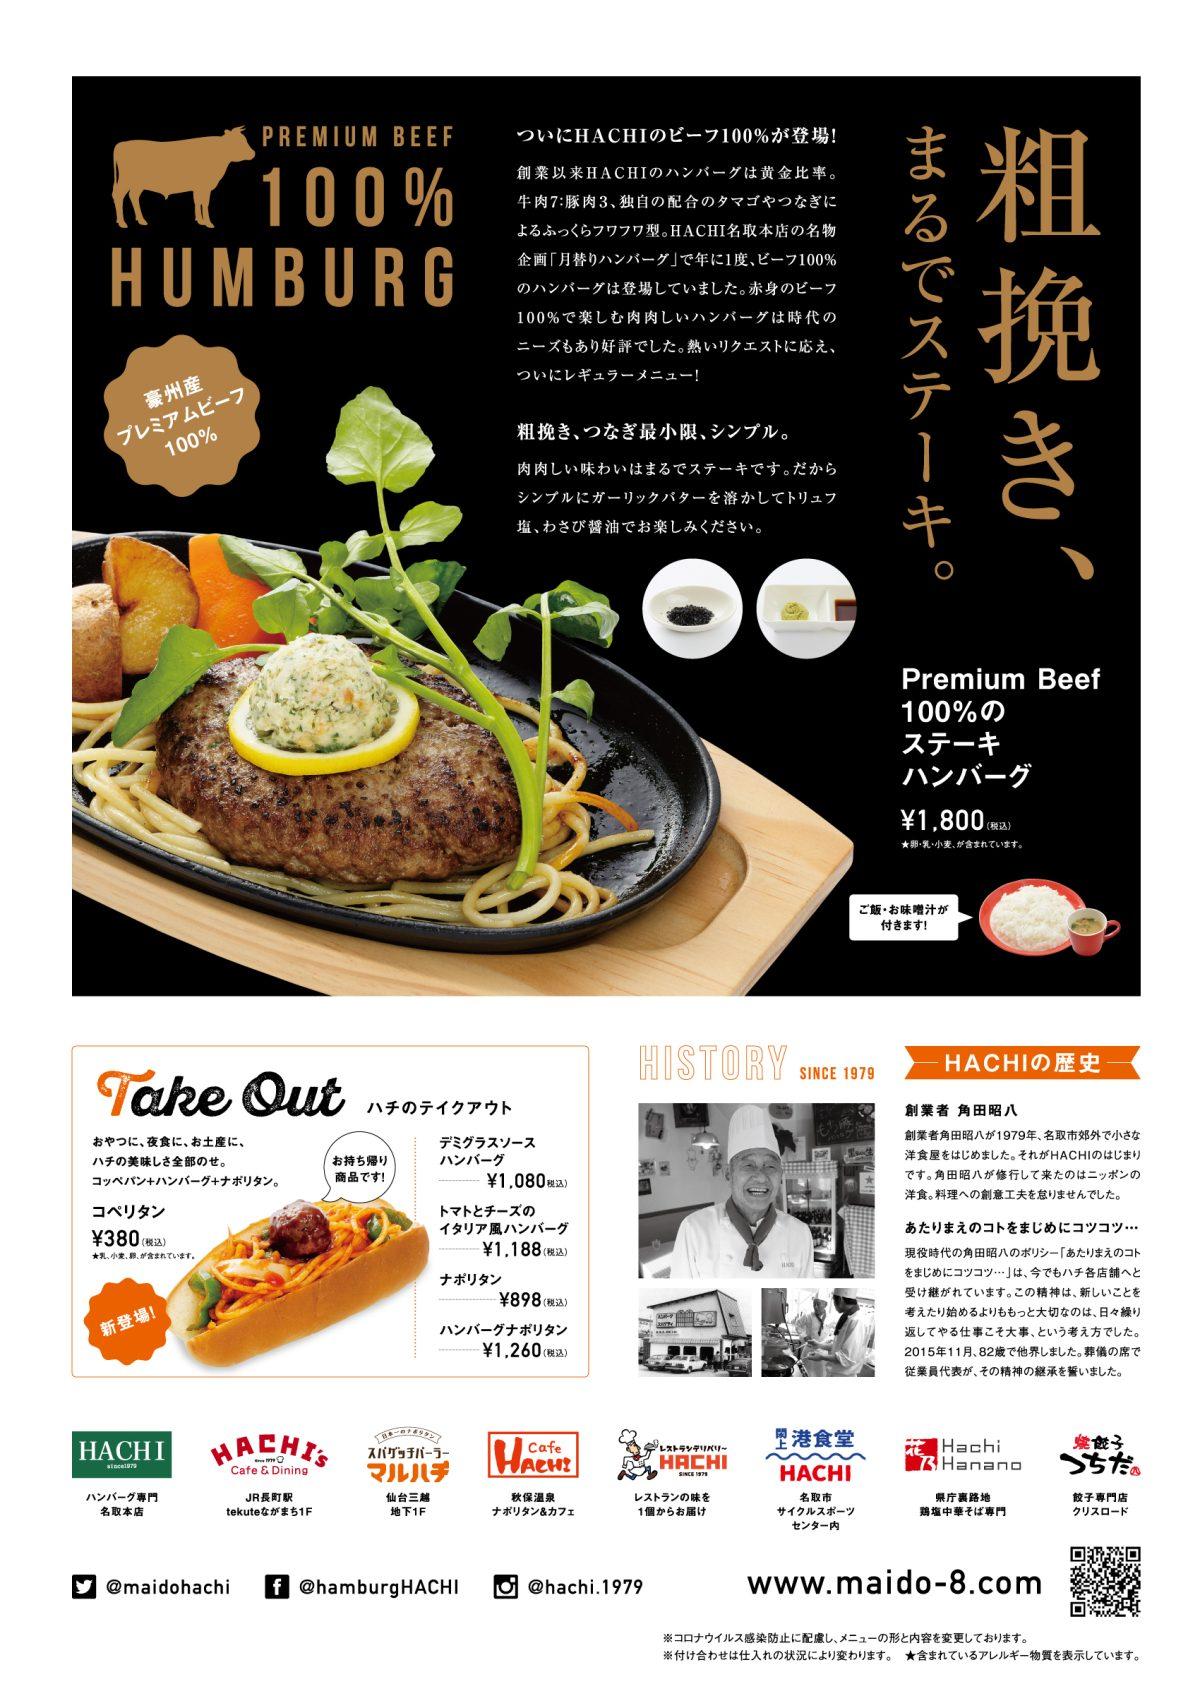 ハンバーグ hachi